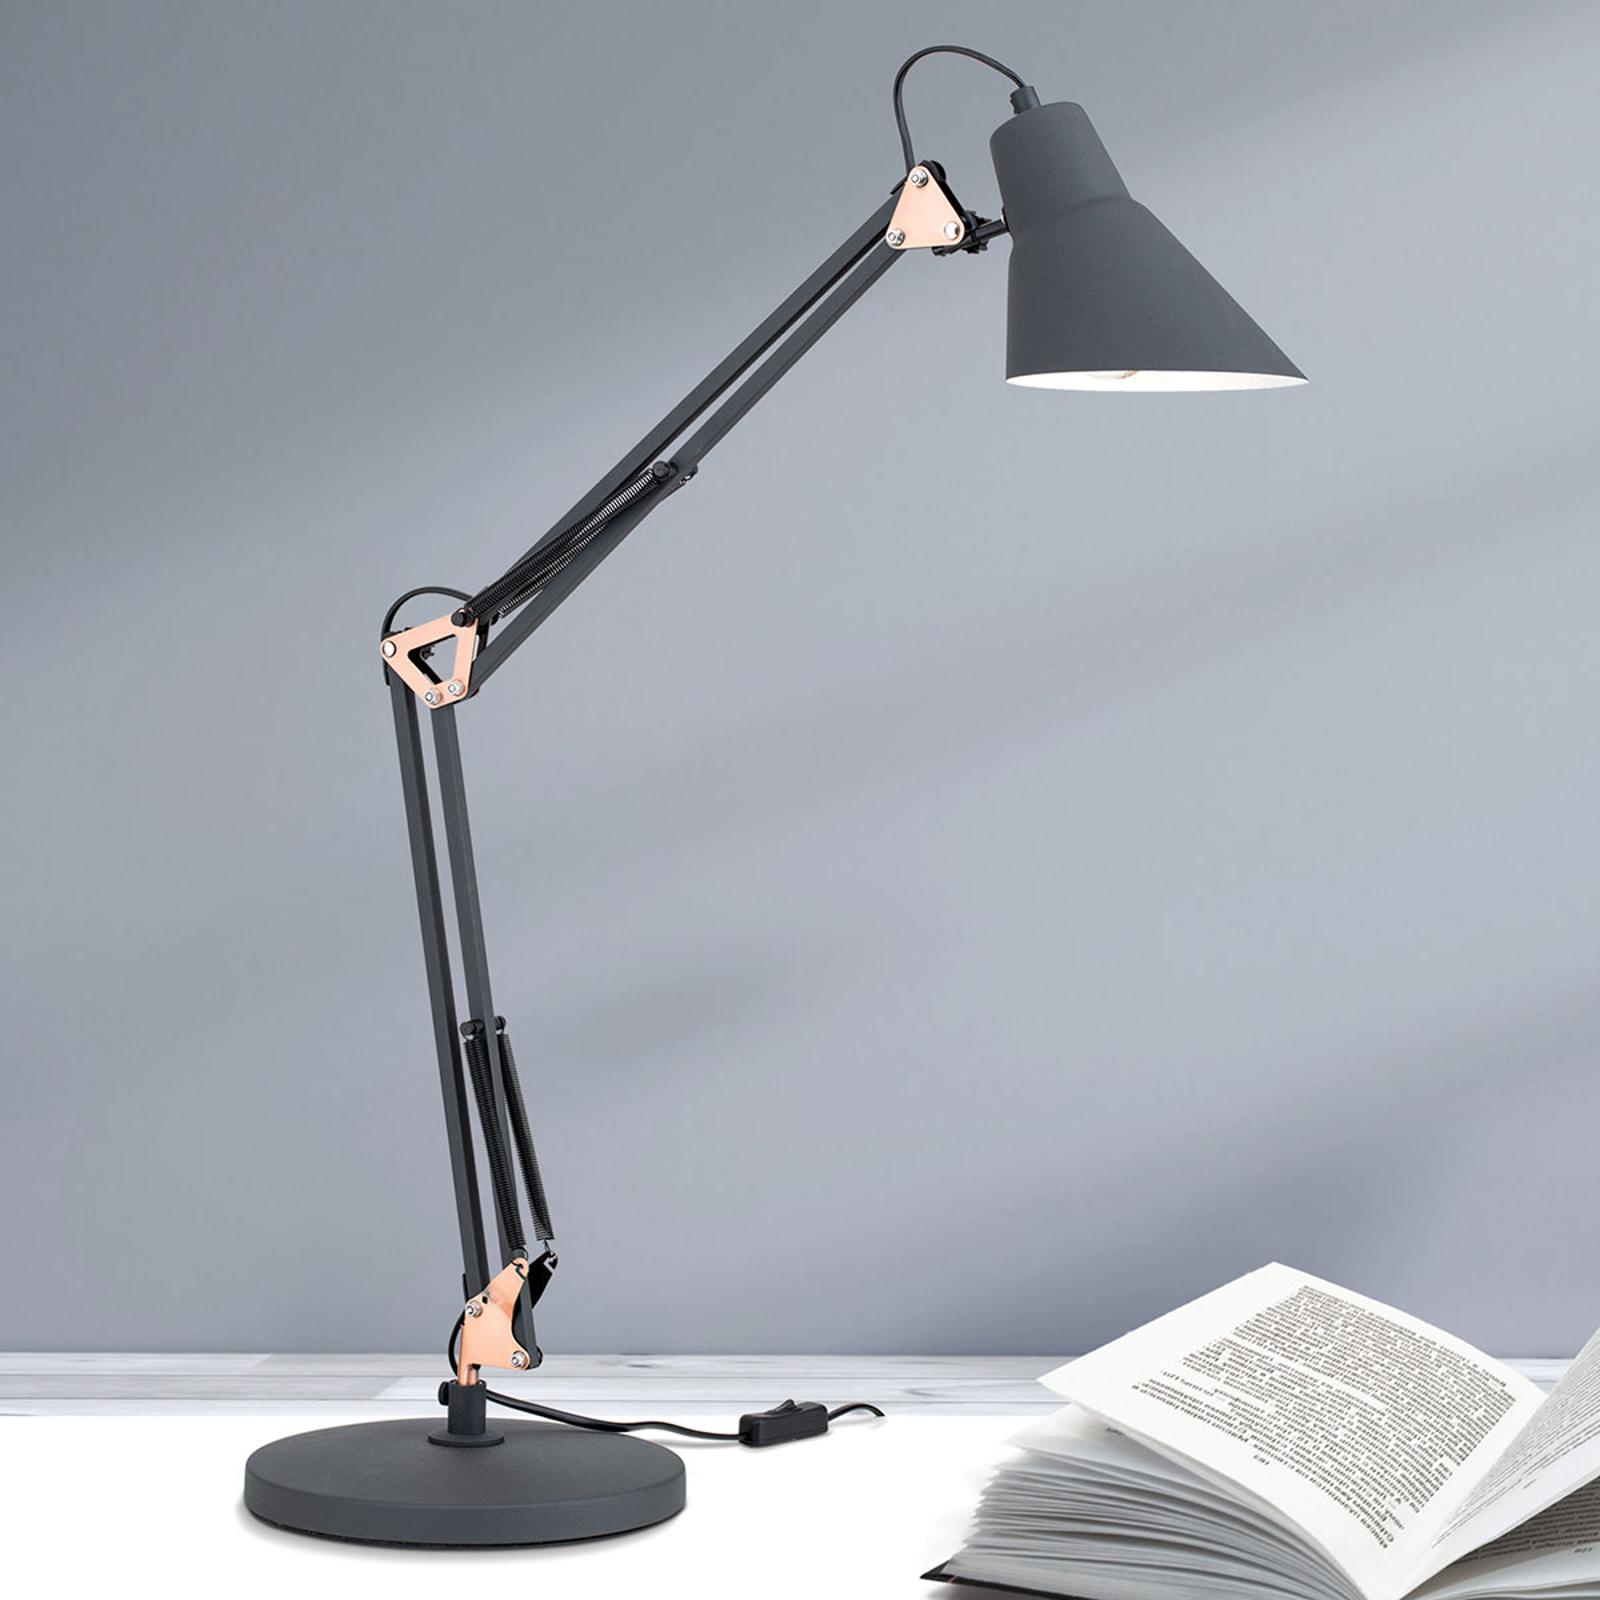 Lampa stołowa Bachelor, potrójnie regulowana